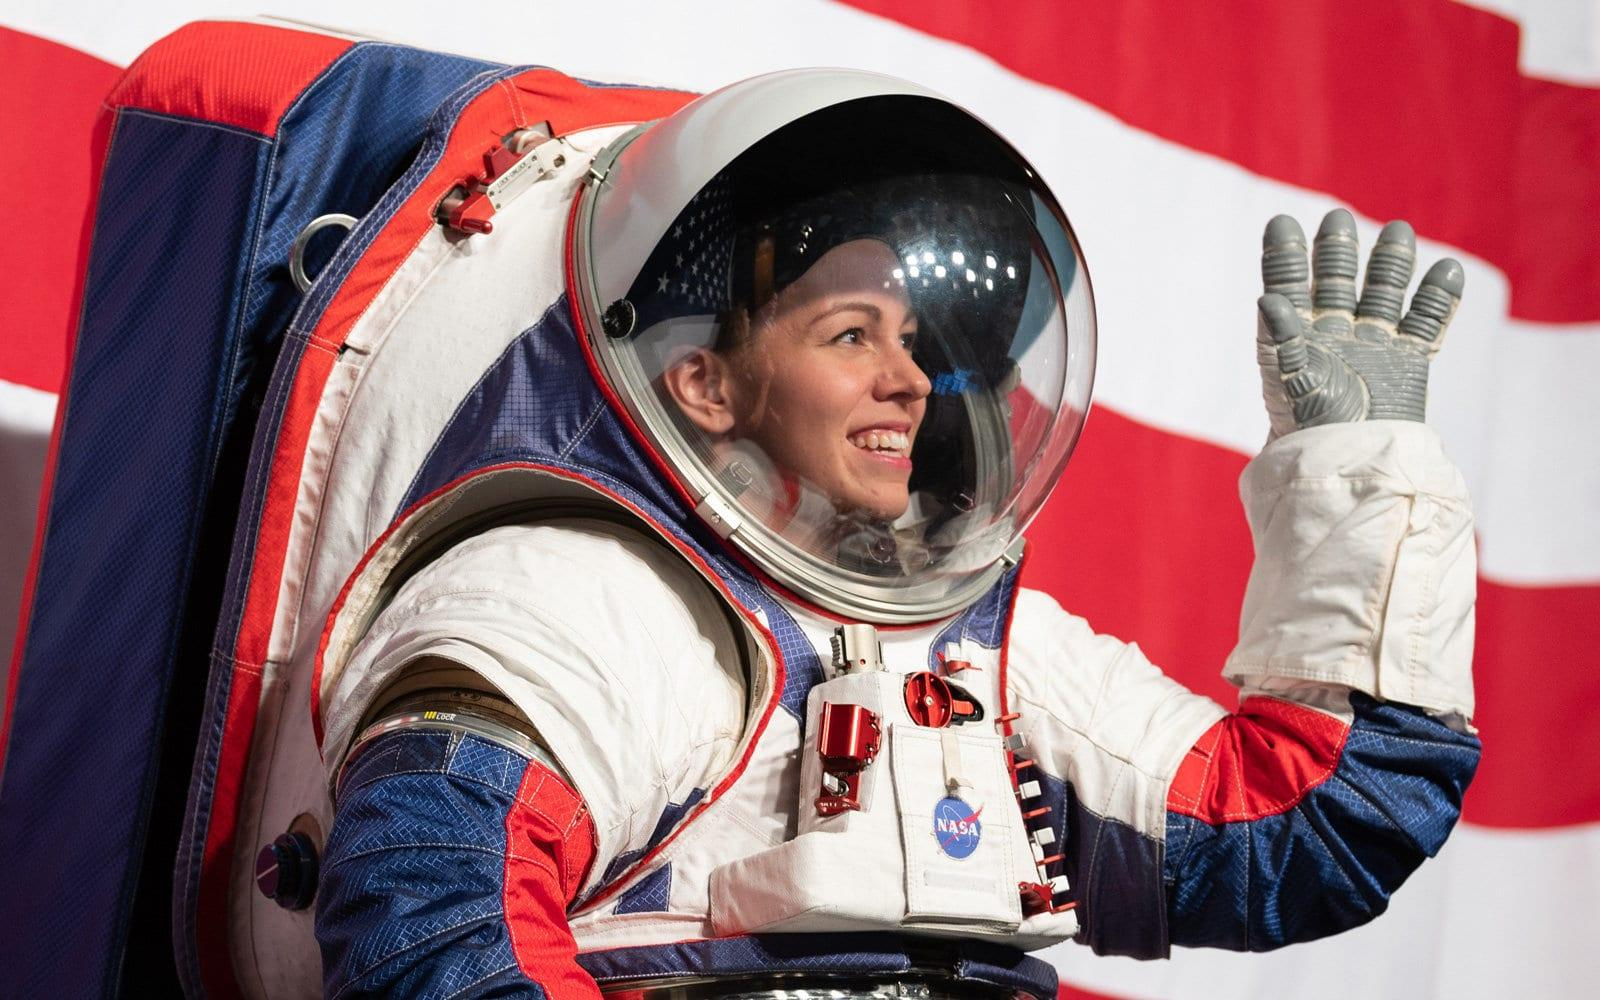 宇宙 飛行 士 なるには